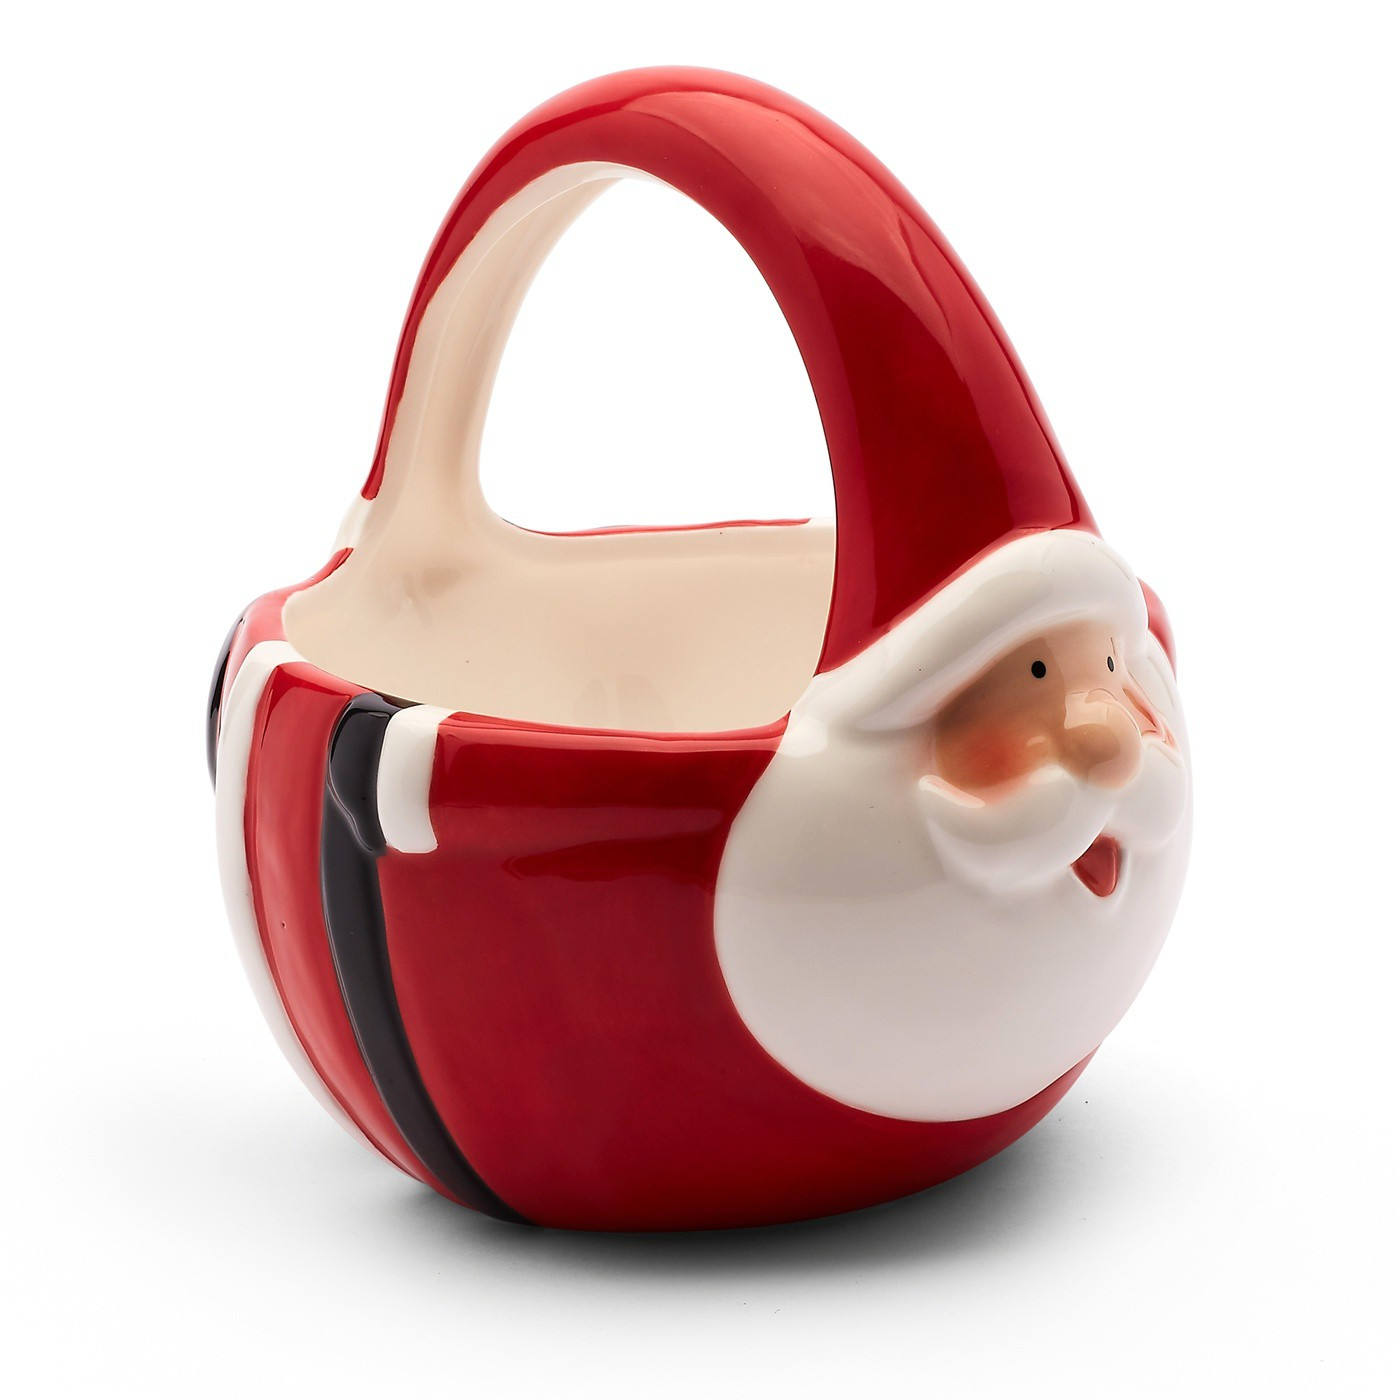 Dekoračný keramický vianočný košík v tvare mikuláša 16,4 x 14 x 15,5 cm červená megamix.sk